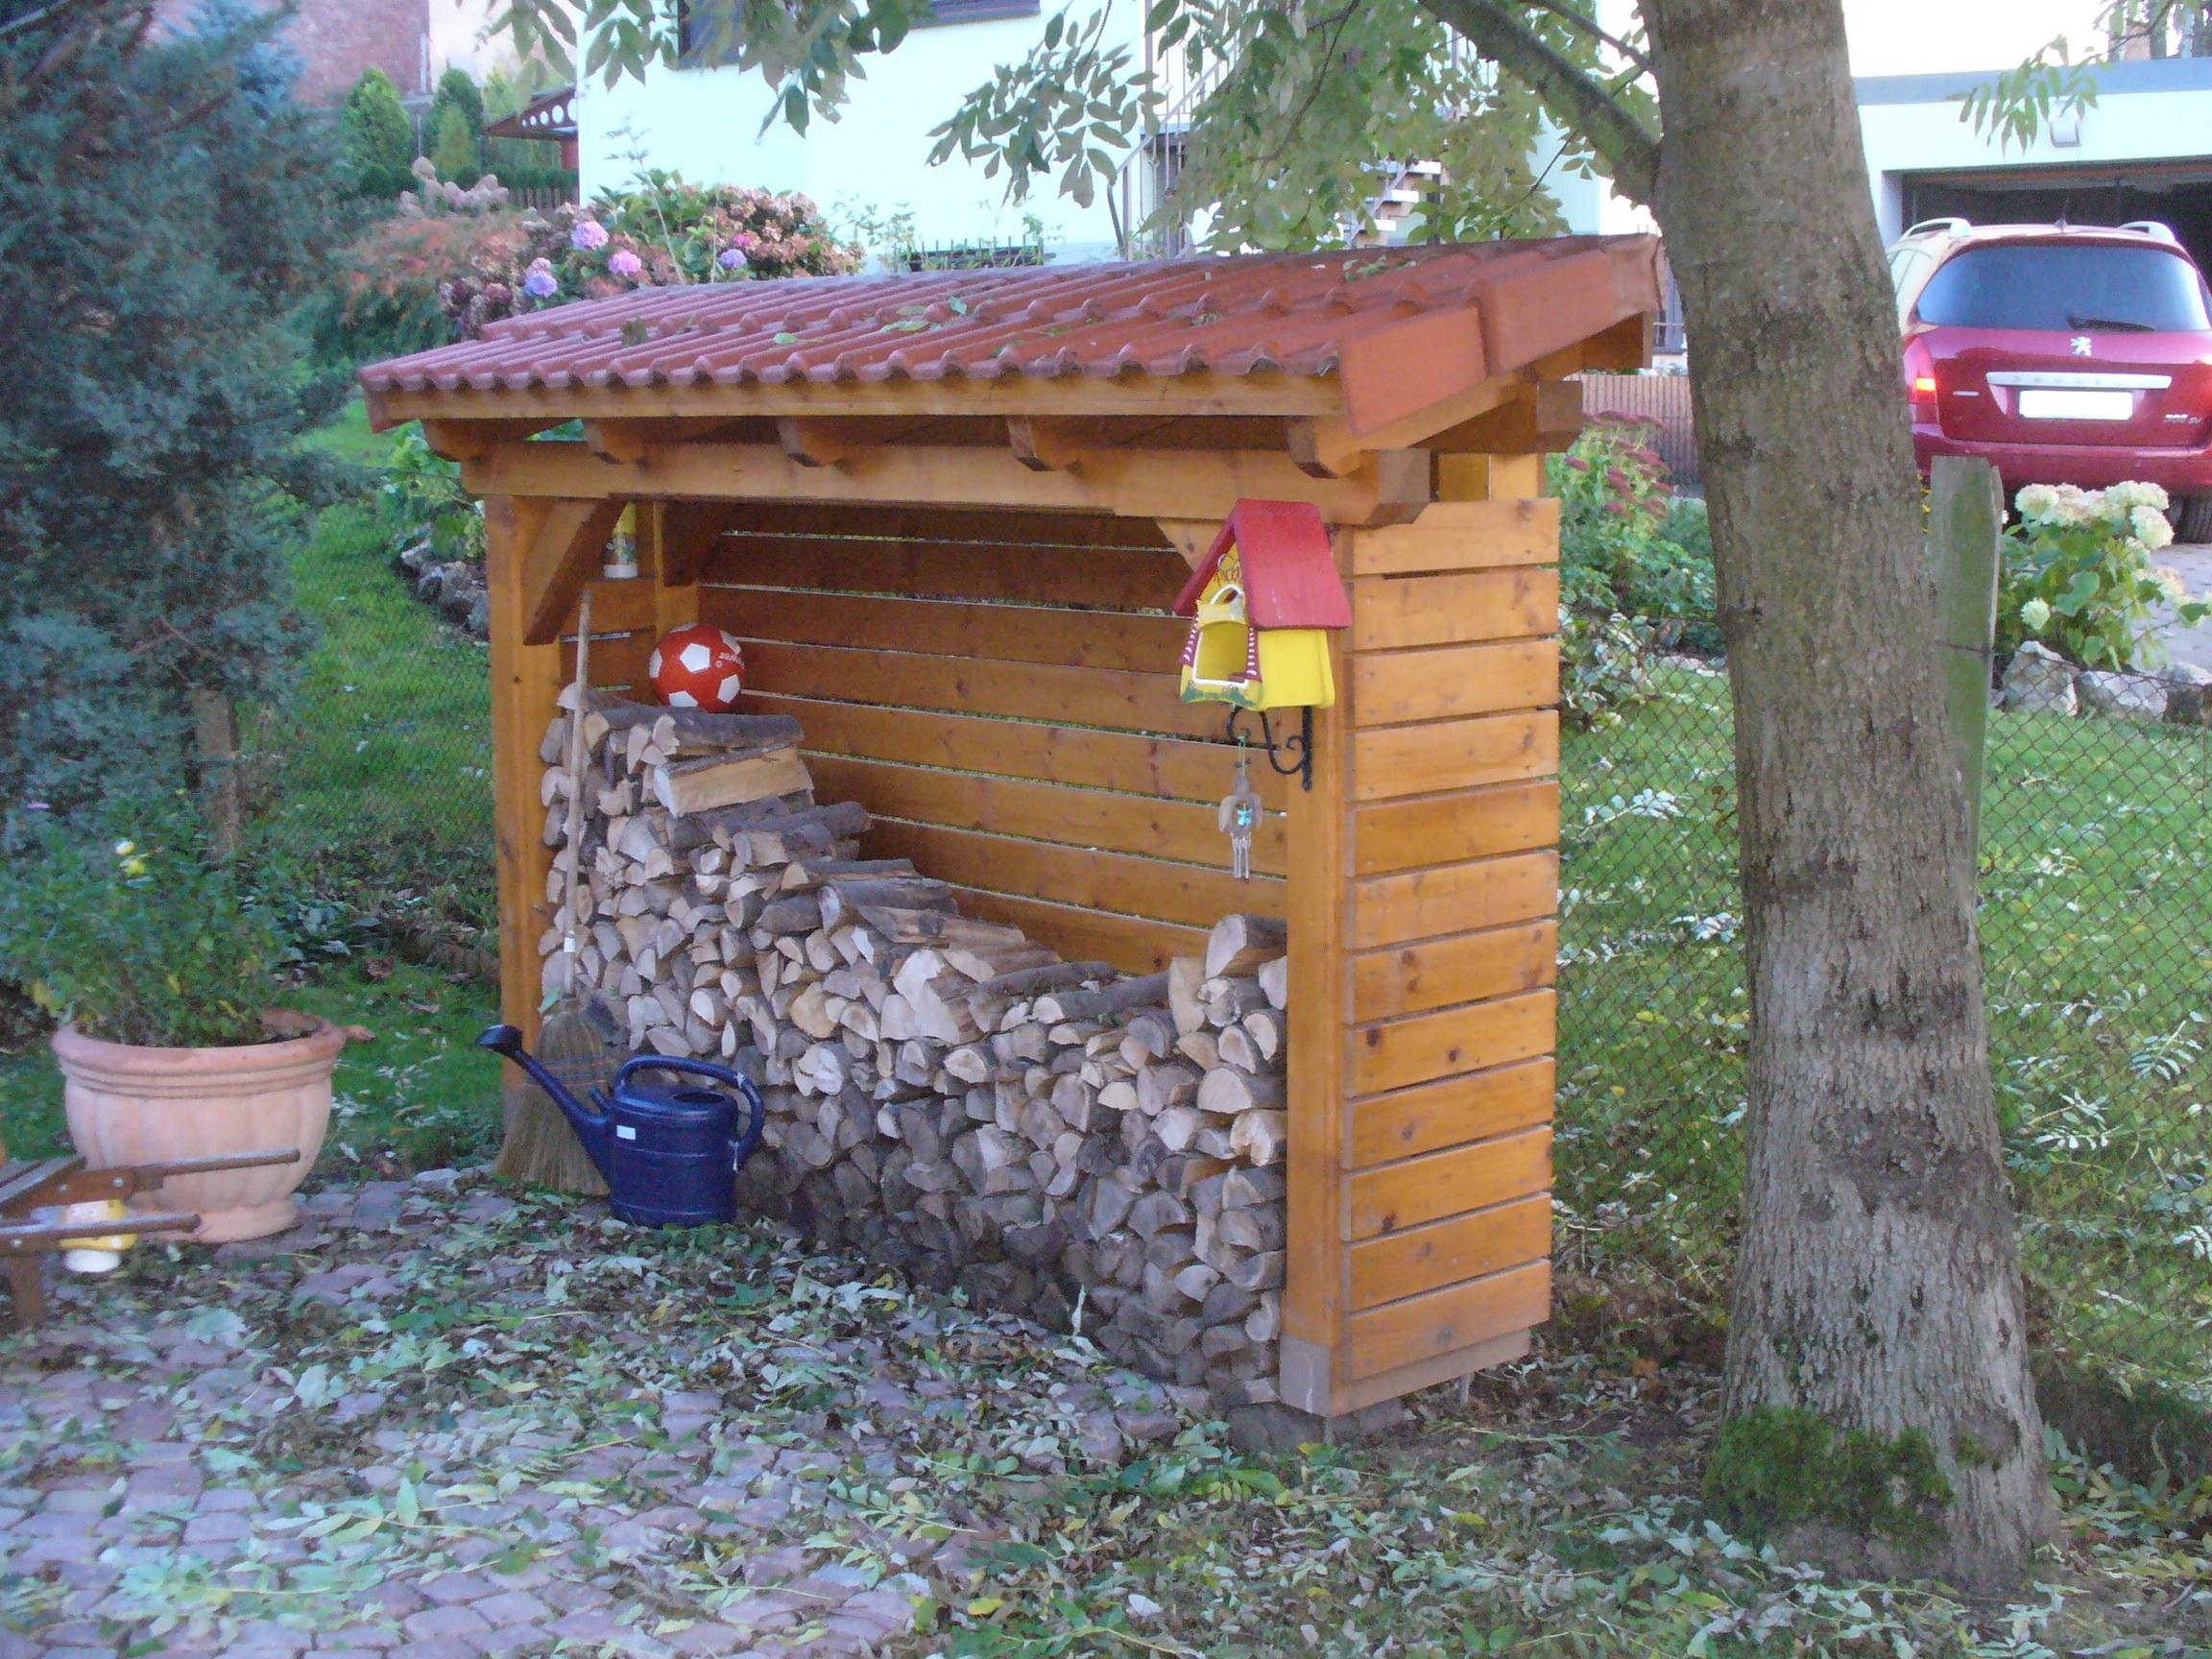 Kaminholzunterstand design  Viele kleine Extras rund ums Haus! | Carport Scherzer